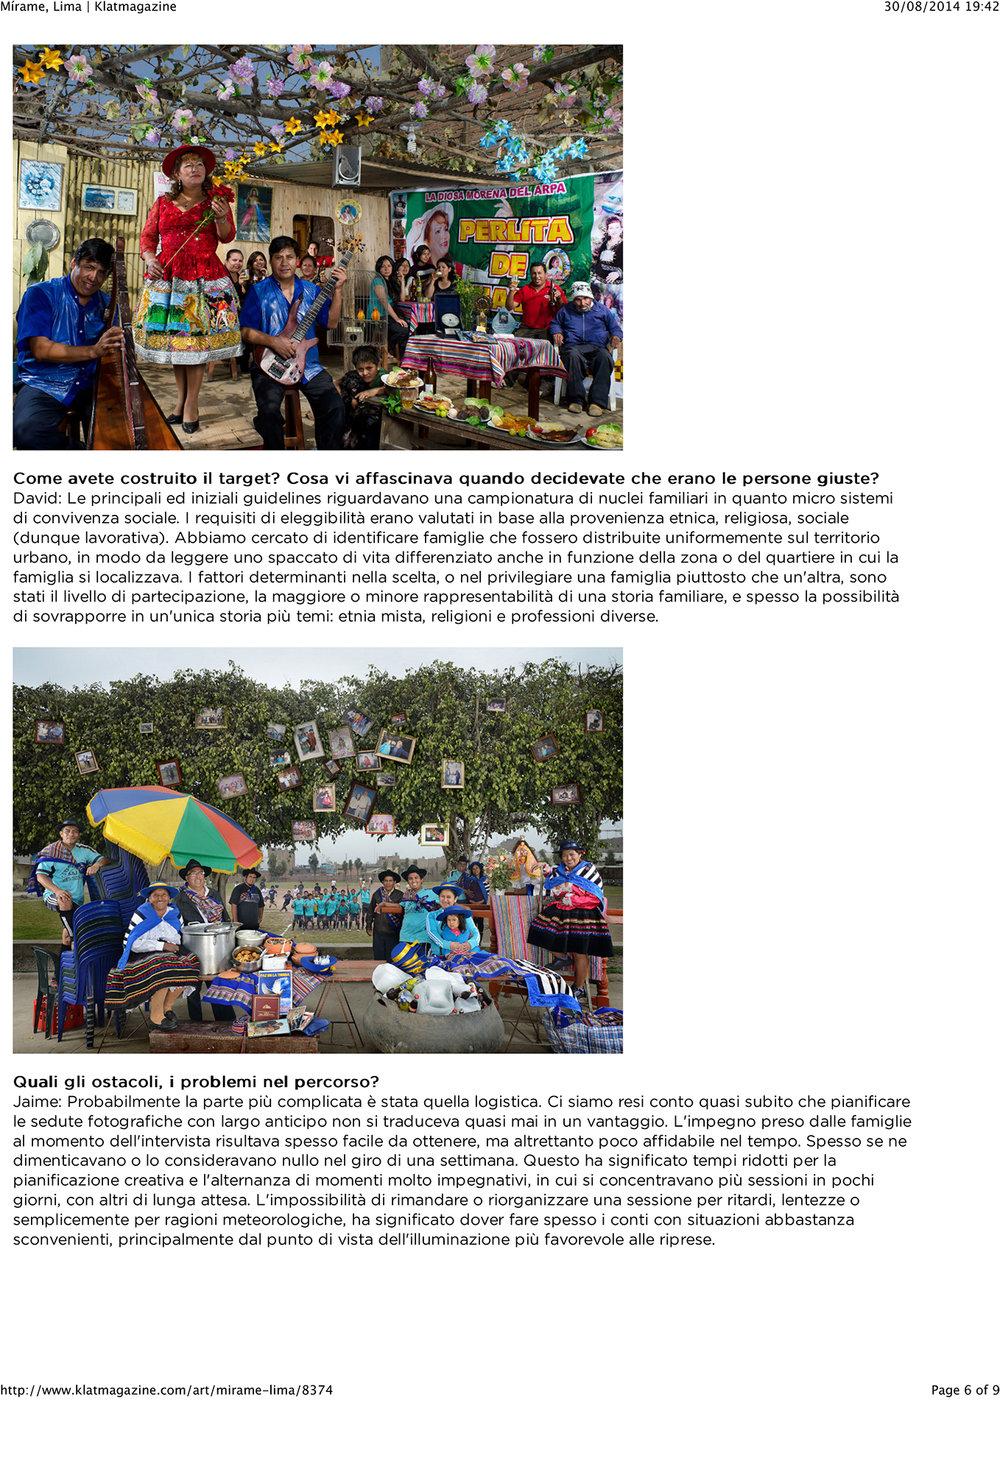 Mírame,-Lima-_-Klatmagazine-6.jpg